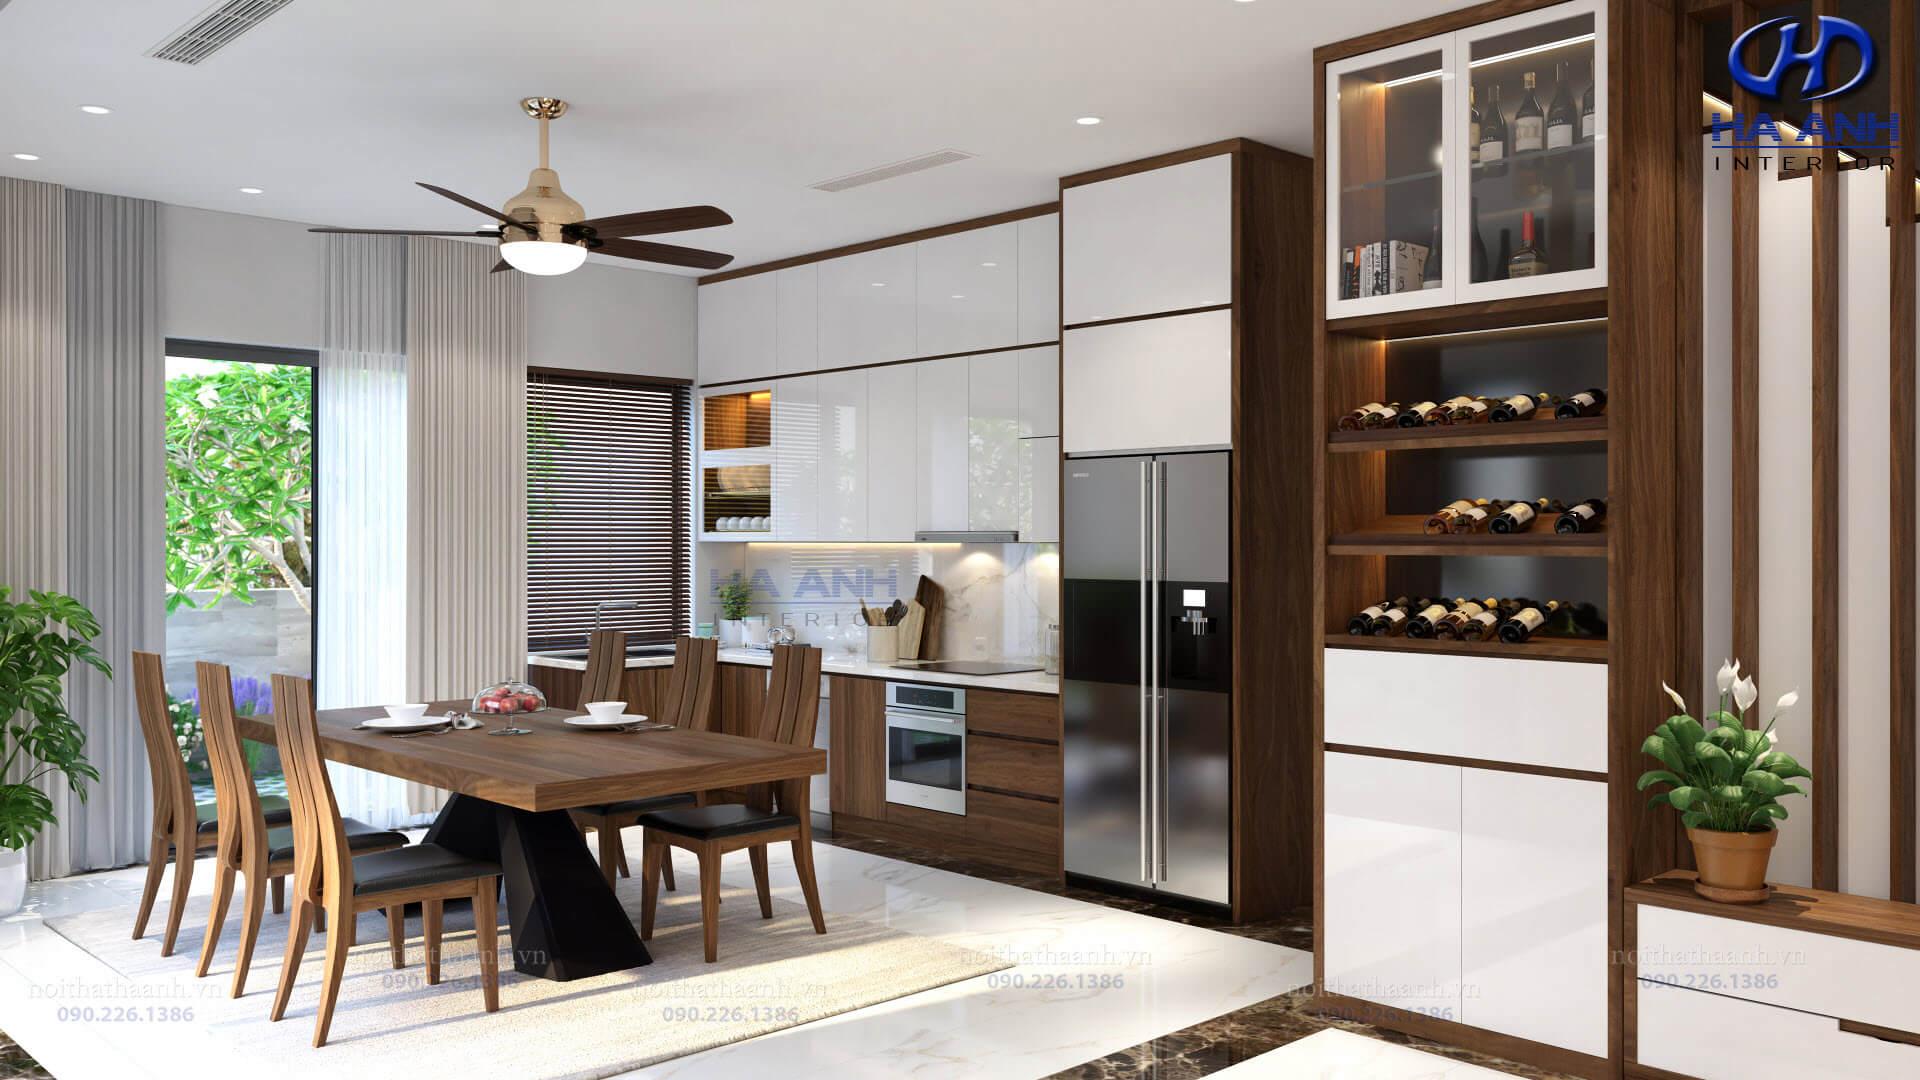 3 mẫu tủ rượu gỗ óc chó Hà Anh thể hiện sự đẳng cấp cho nội thất nhà bạn